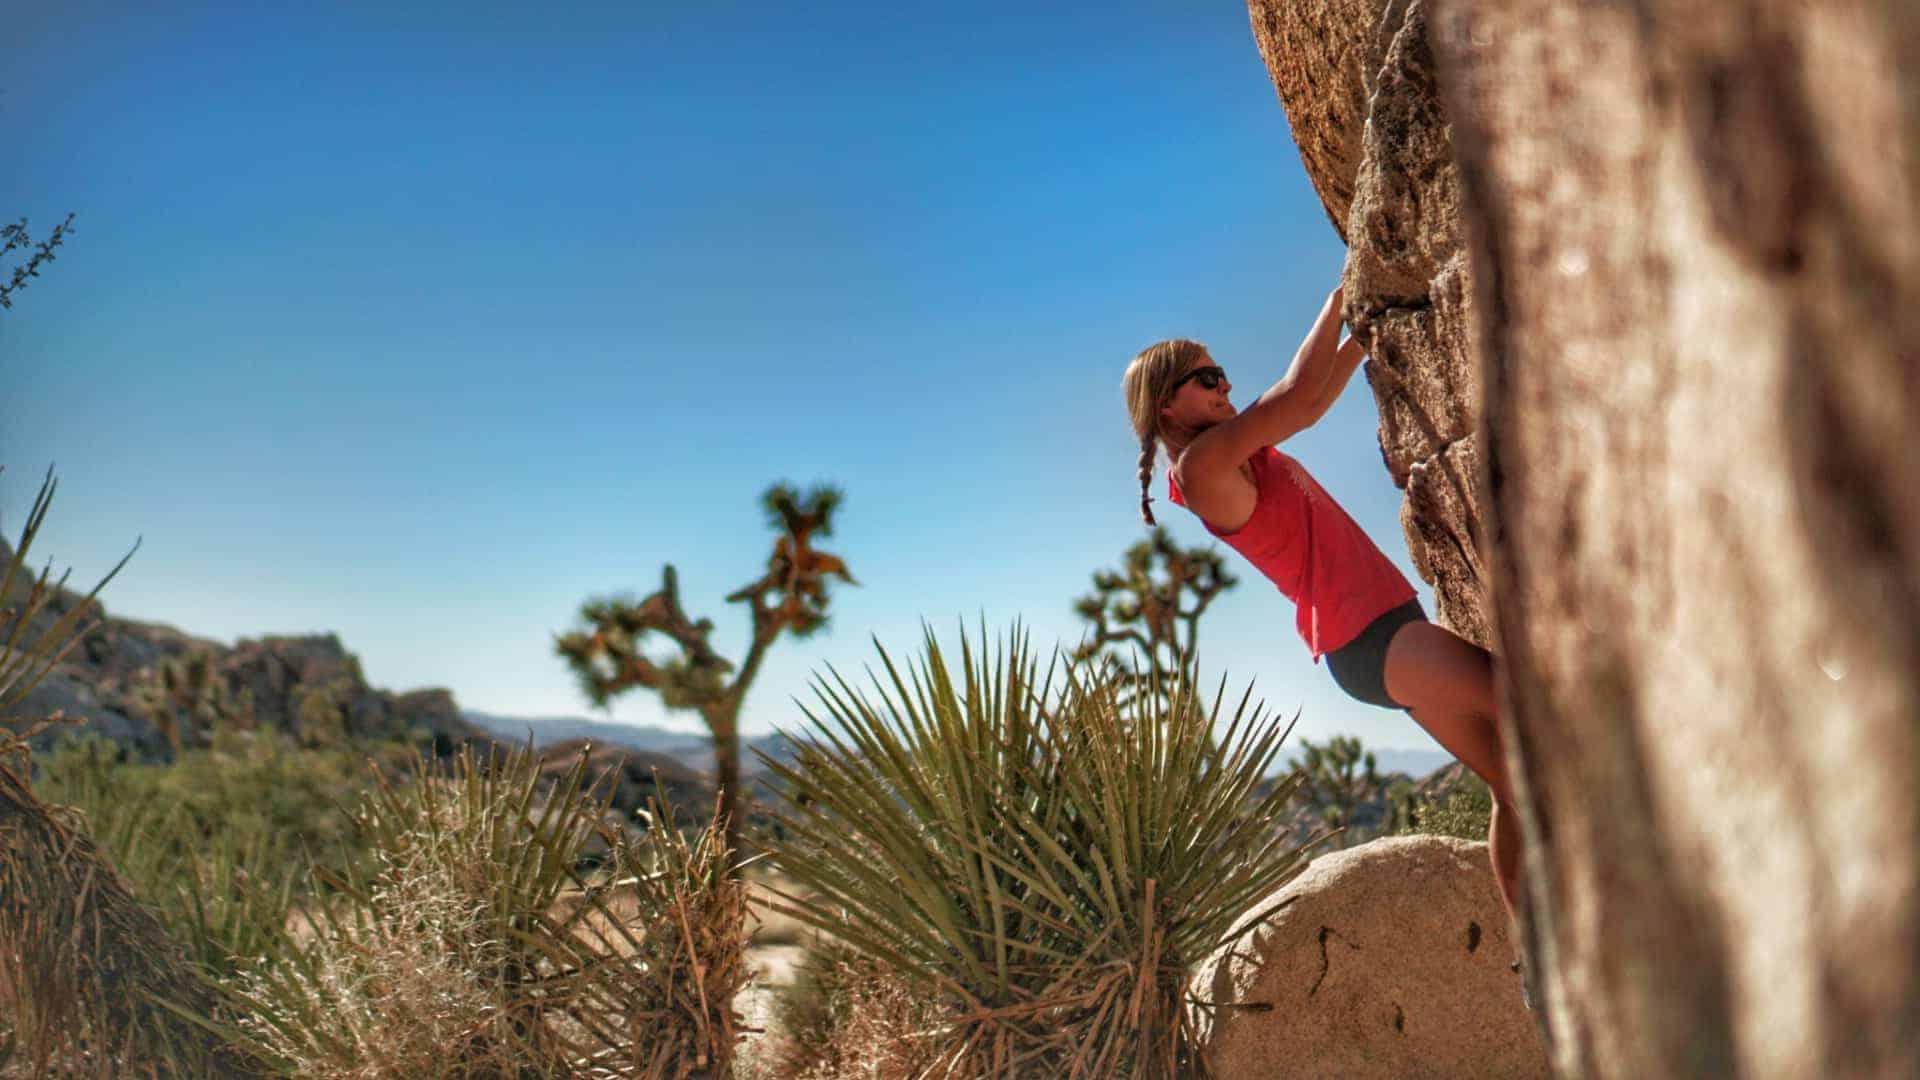 Best Beginner Climbs in Joshua Tree 9 - Beginner Climbs in Joshua Tree